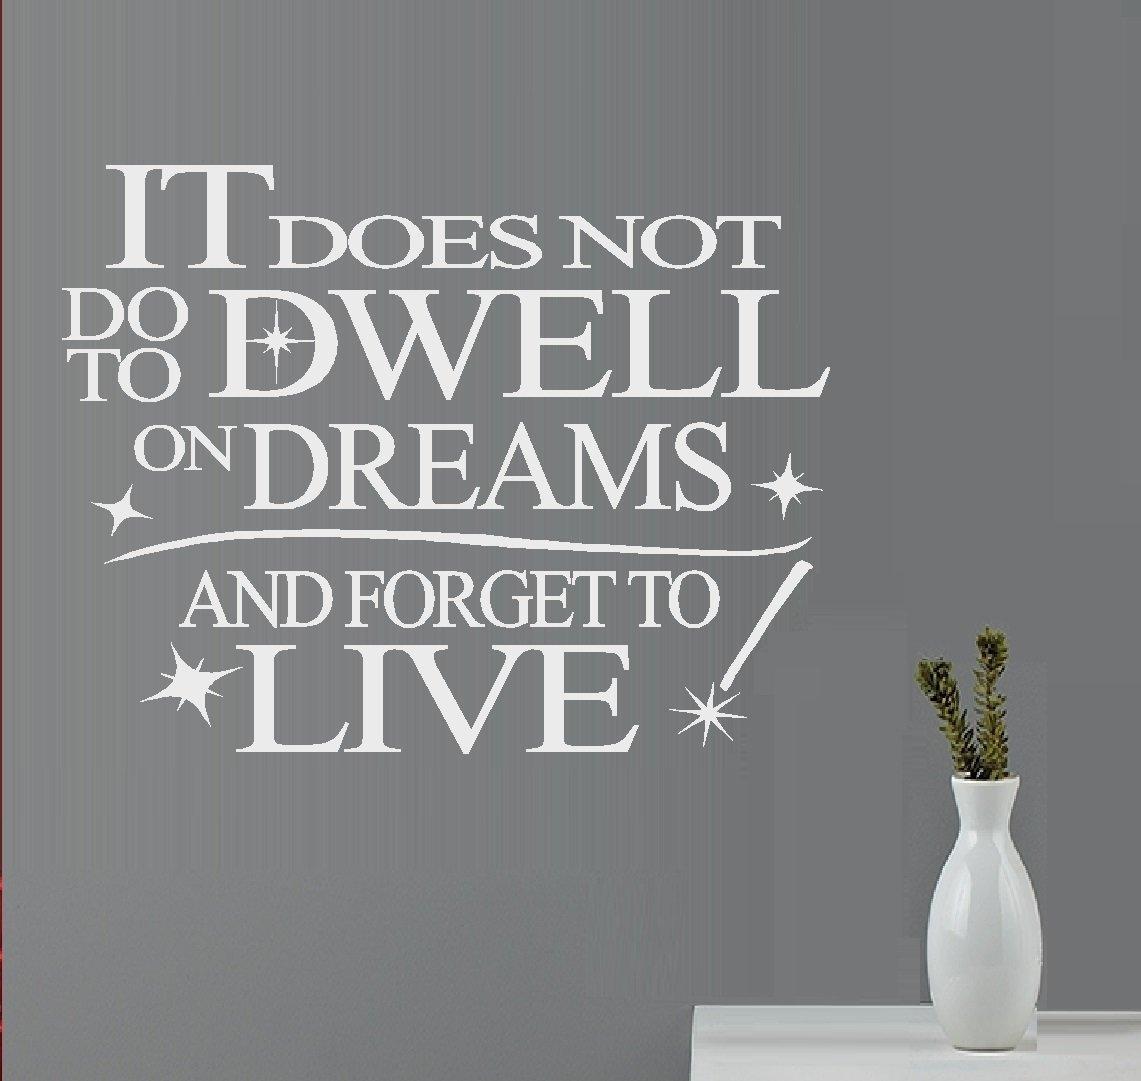 Do ItにないDwell On夢(インスピレーション引用)壁またはウィンドウデカール 13